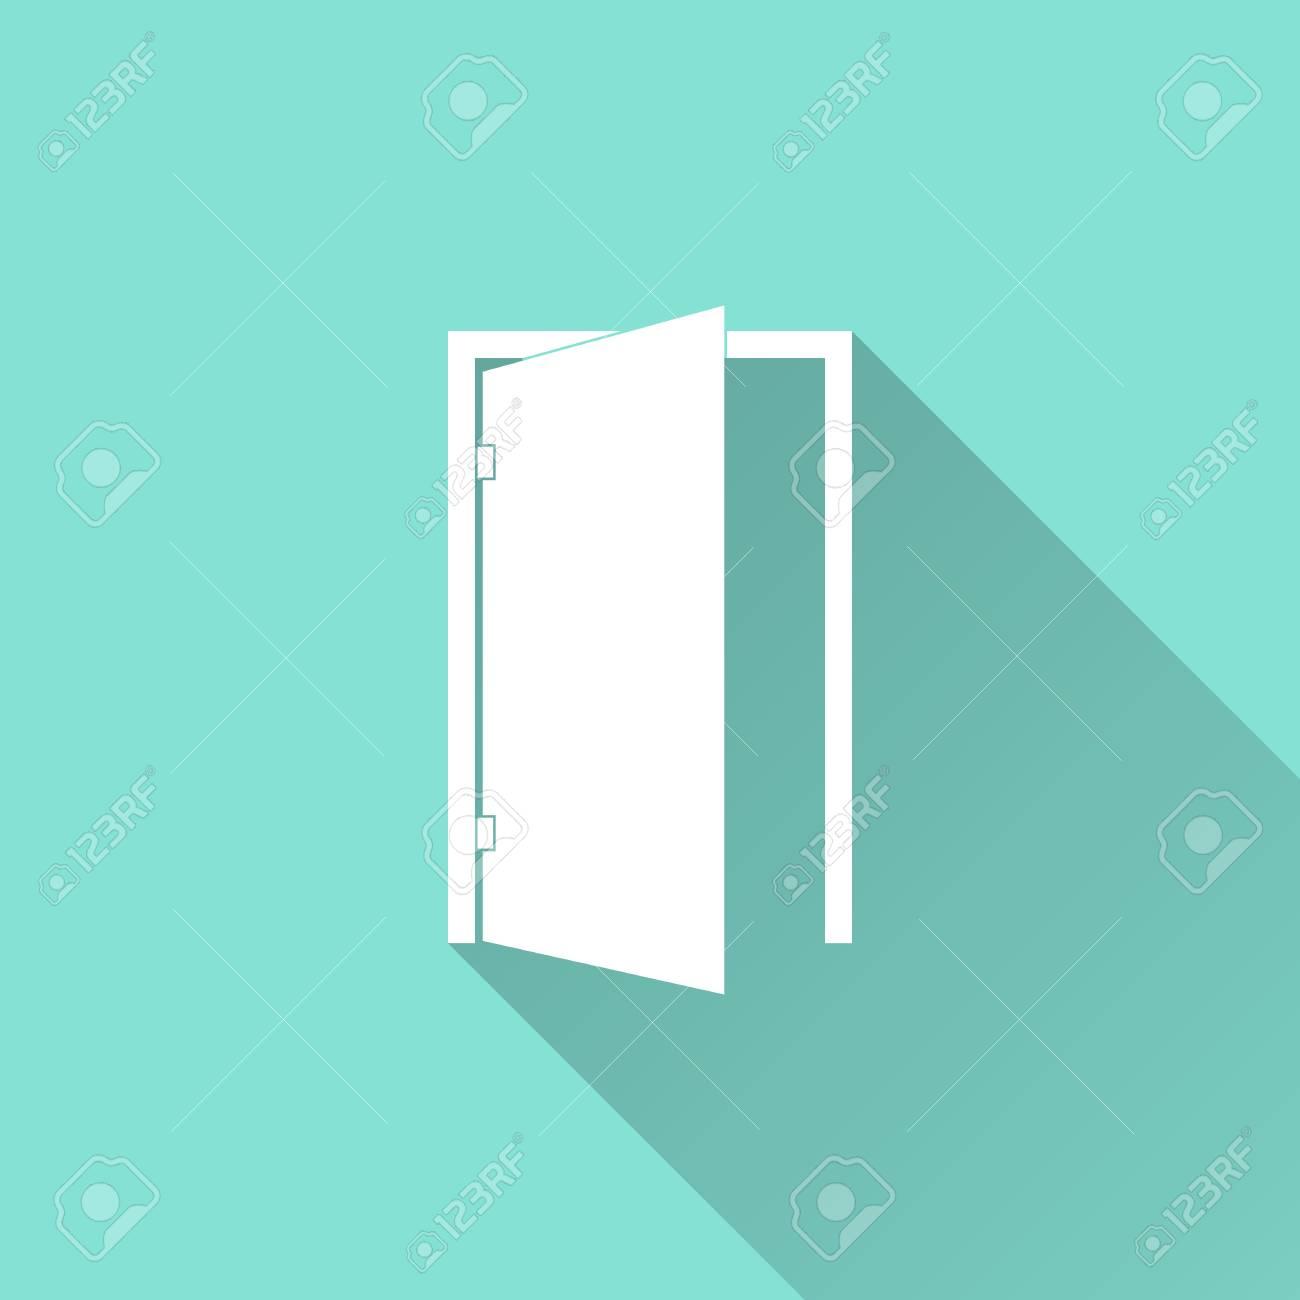 Door icon on a green background. Vector illustration flat design. Stock Vector -  sc 1 st  123RF.com & Door Icon On A Green Background. Vector Illustration Flat Design ...